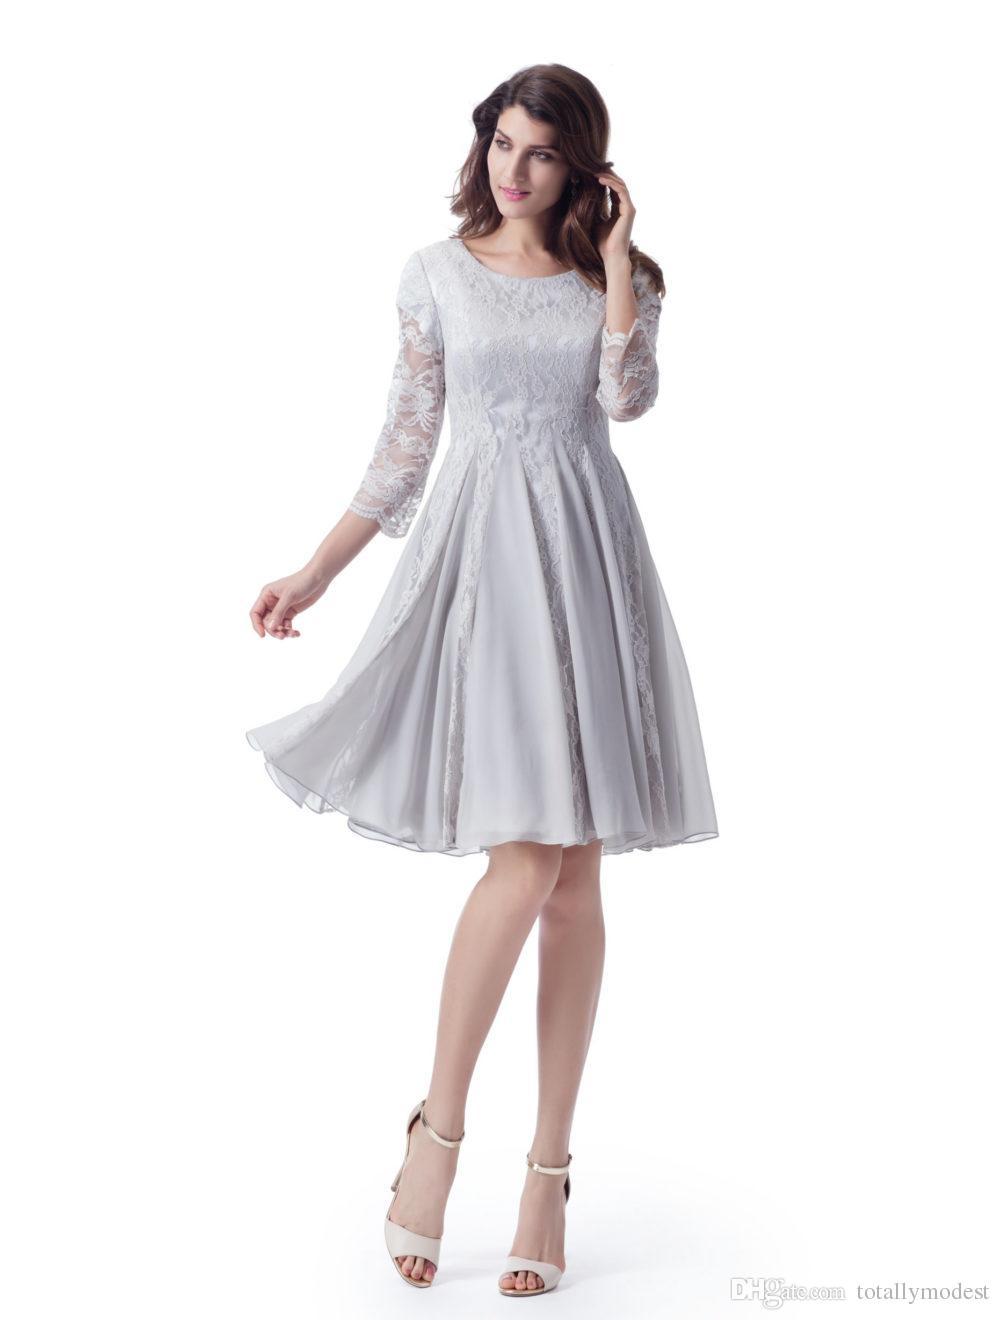 Bescheidene Brautjungfernkleider kurze A-Linie Knielange Silbergraue Spitze Chiffon-LDS-Hochzeits-Parteikleider mit schiere Ärmeln zum Verkauf